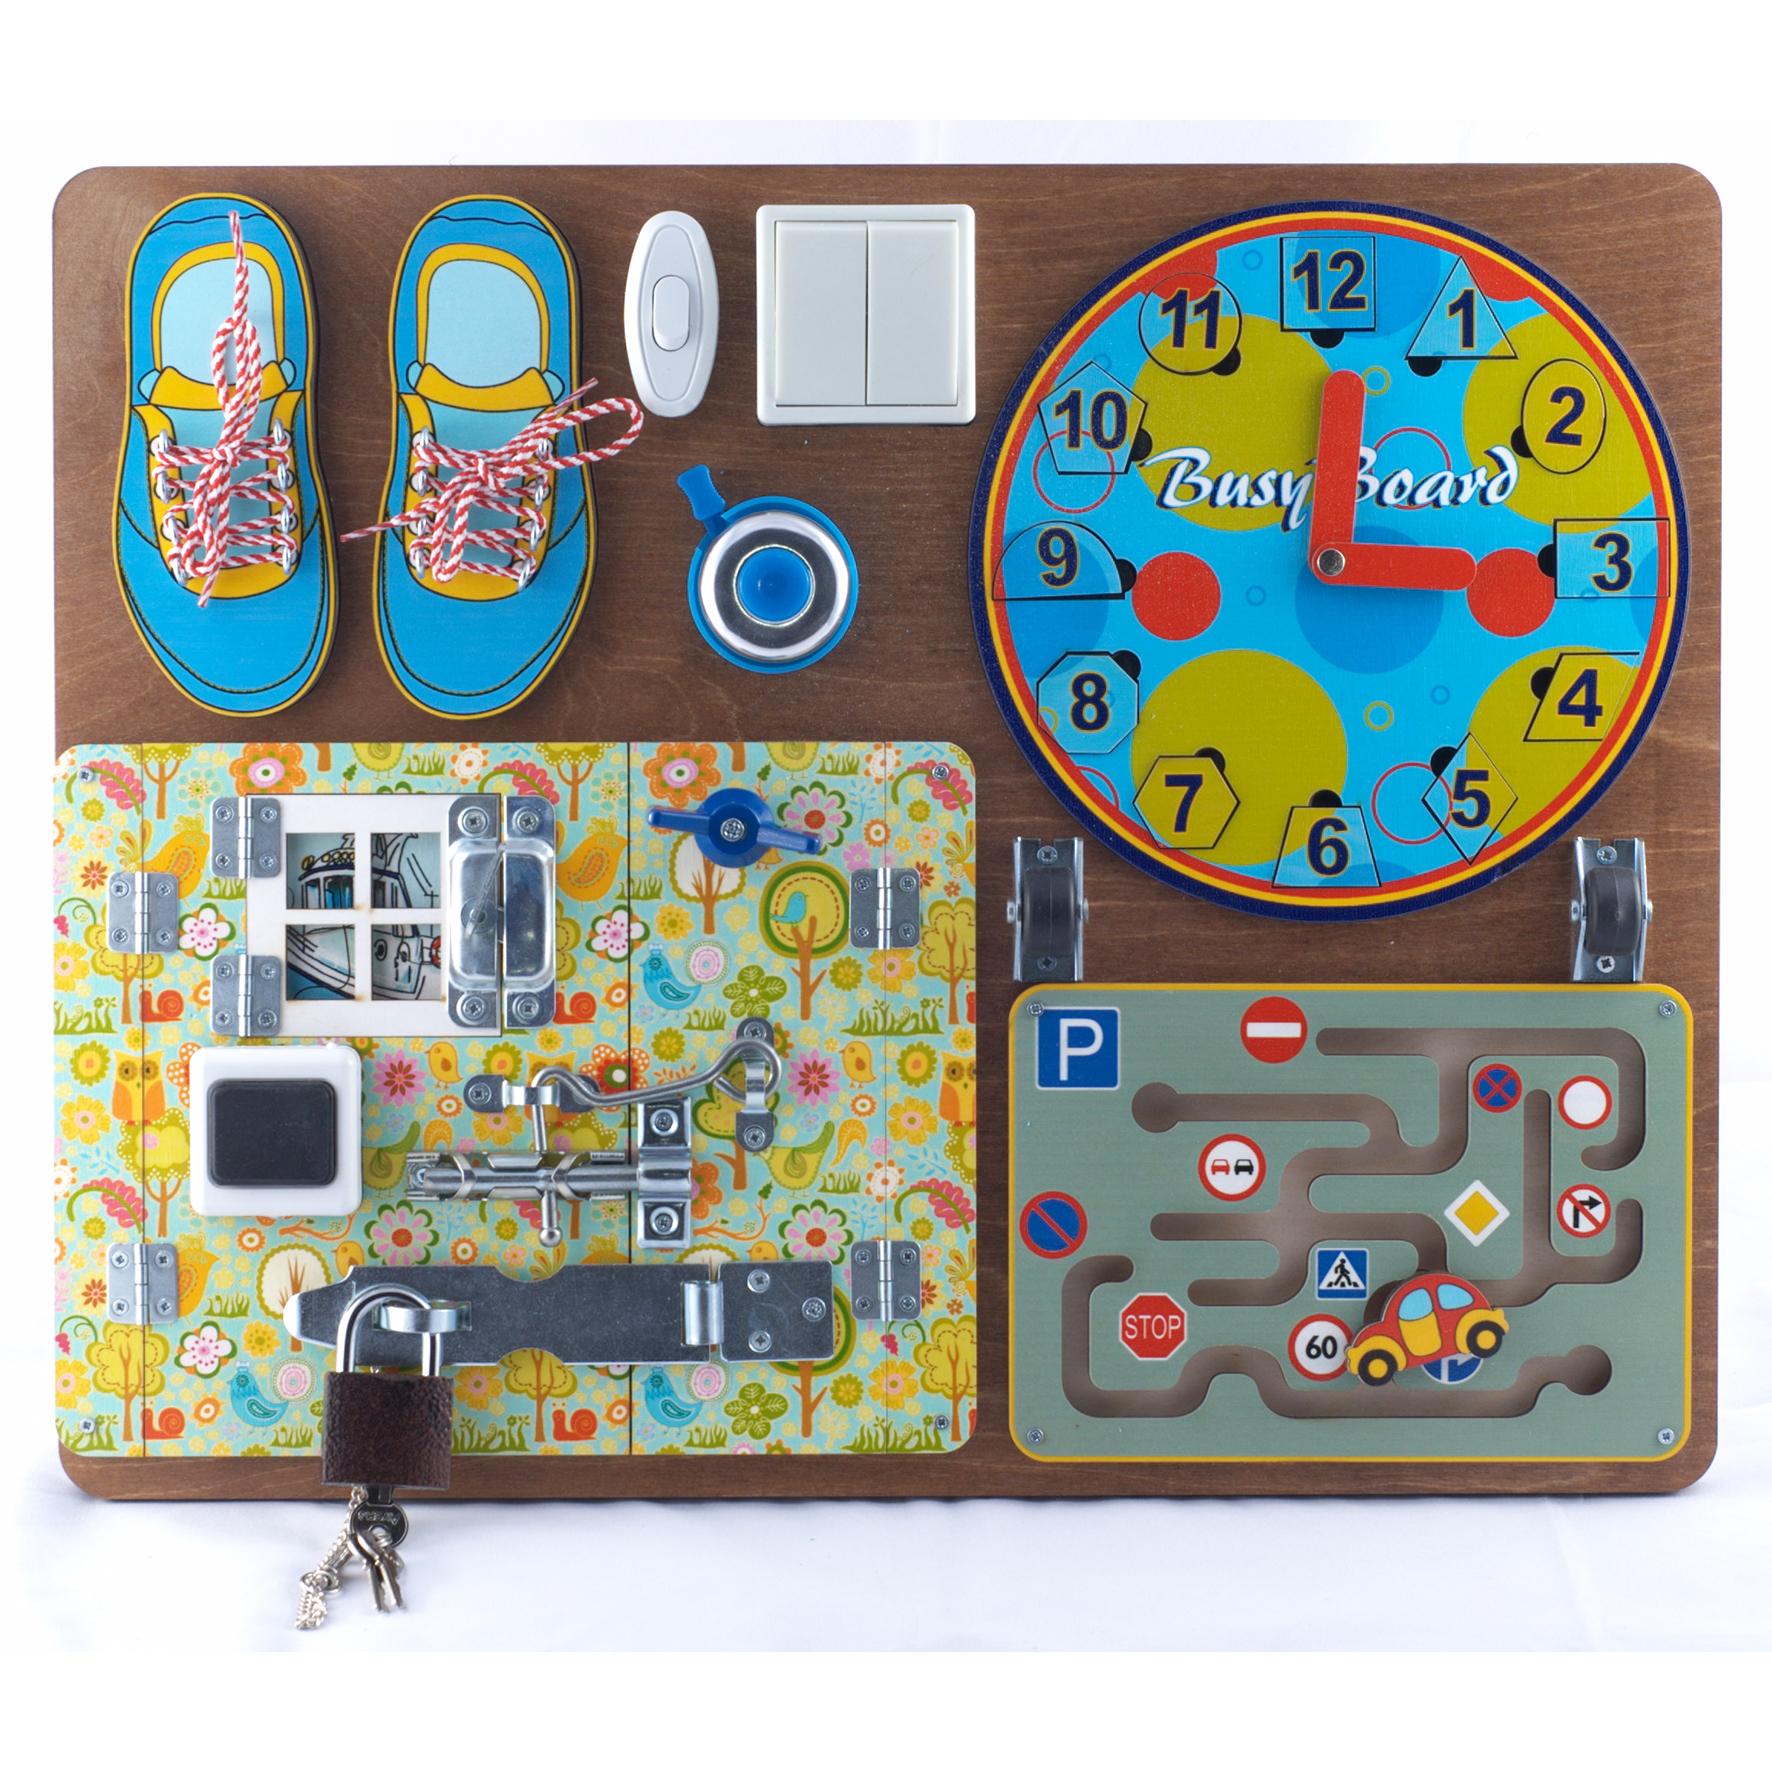 Бизиборд для мальчиков, пазлы, шнурки, магнитные часы, лабиринтРамки и паззлы<br>Бизиборд для мальчиков, пазлы, шнурки, магнитные часы, лабиринт<br>